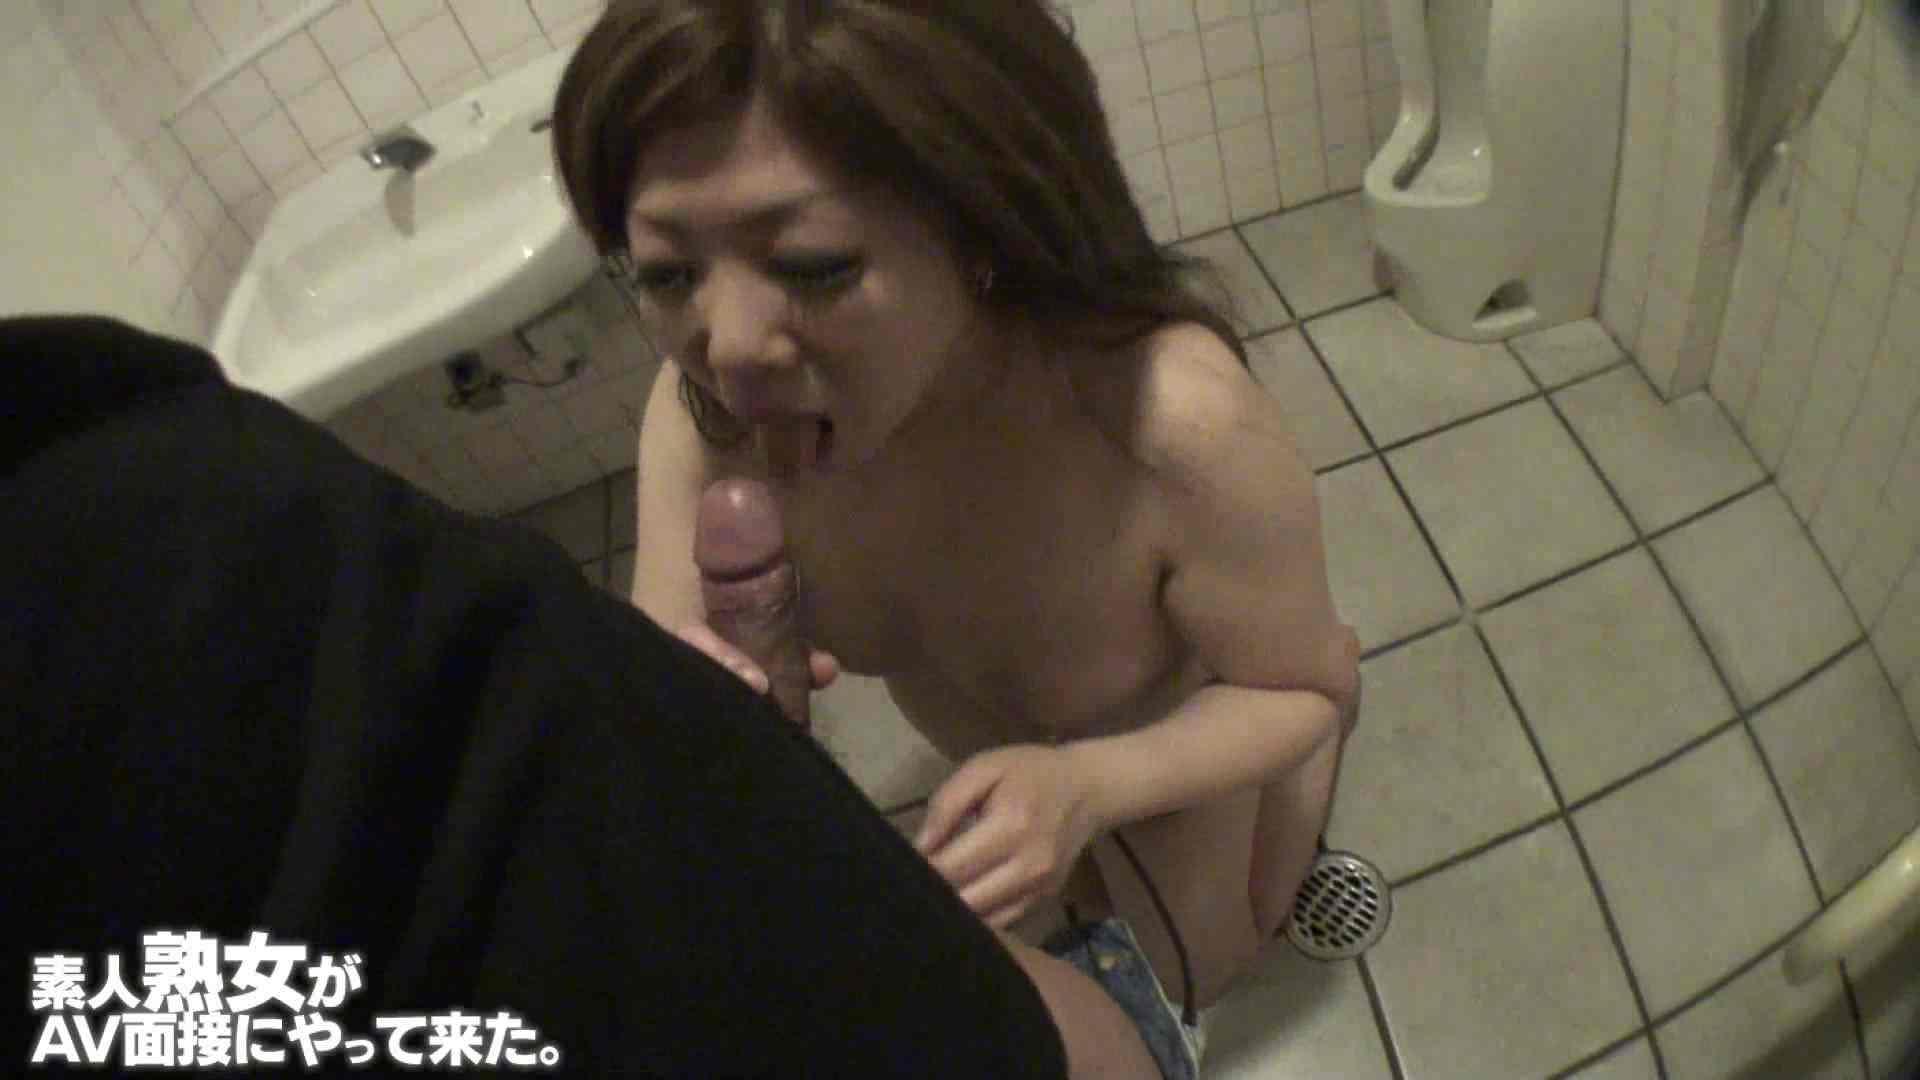 素人熟女がAV面接にやってきた (仮名)ゆかさんVOL.02 トイレ おまんこ動画流出 47連発 43